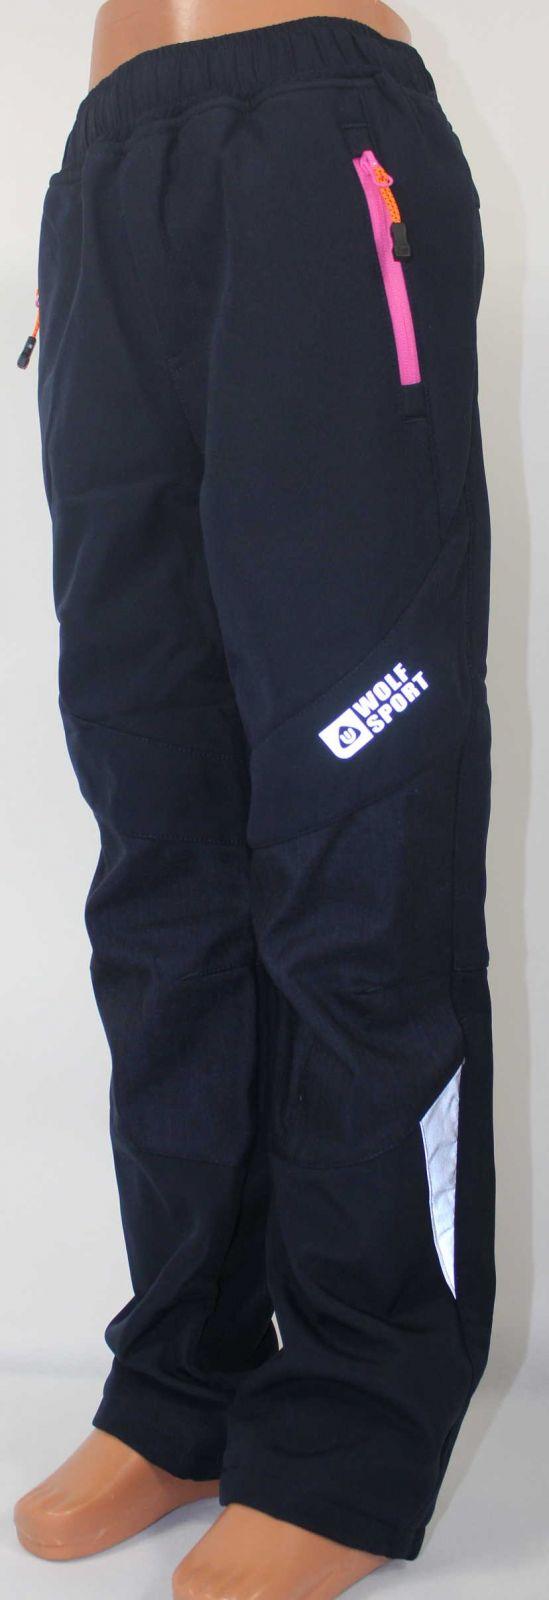 Dětské zateplené softshellové kalhoty WOLF, podzimní kalhoty, zimní kalhoty, zateplené kalhoty, dětské softshellové kalhoty, dívčí softshellové kalhoty